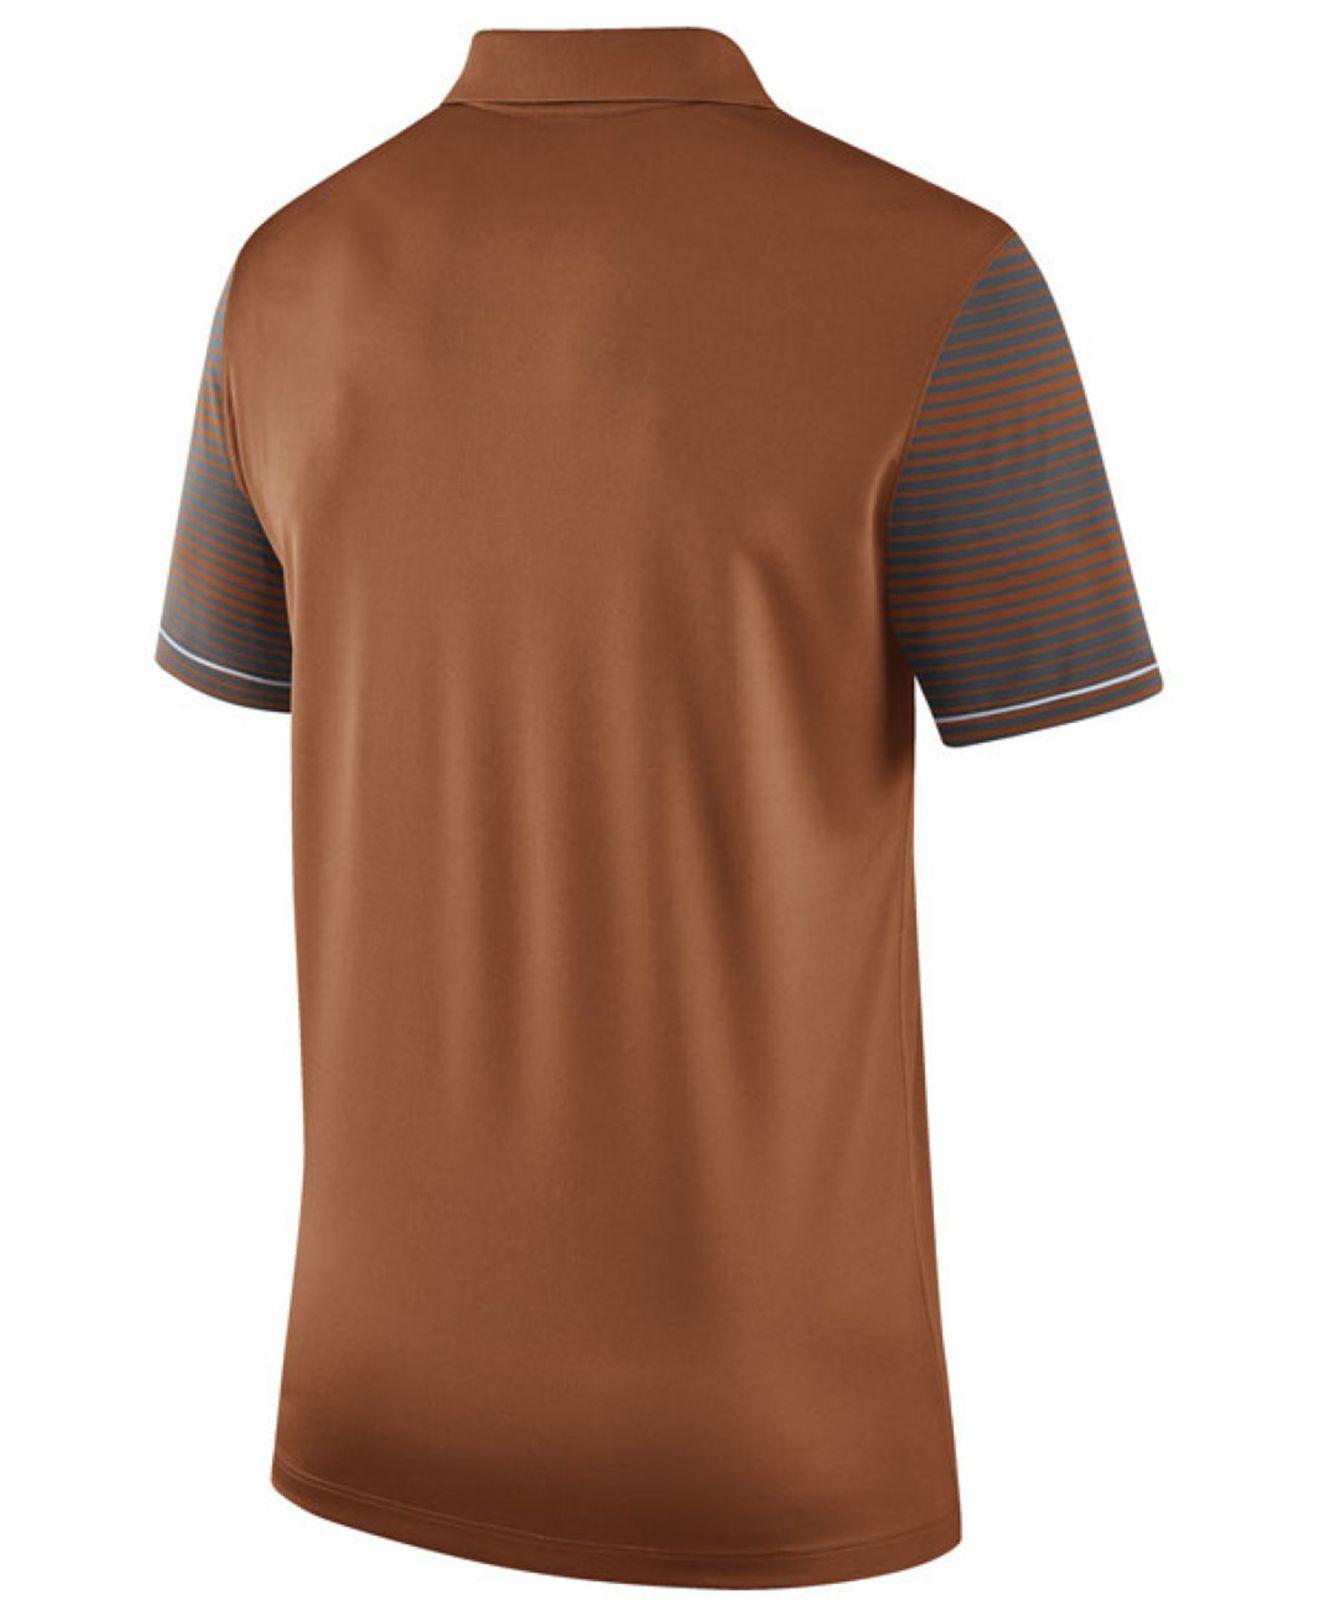 Mens Hurley Shirts